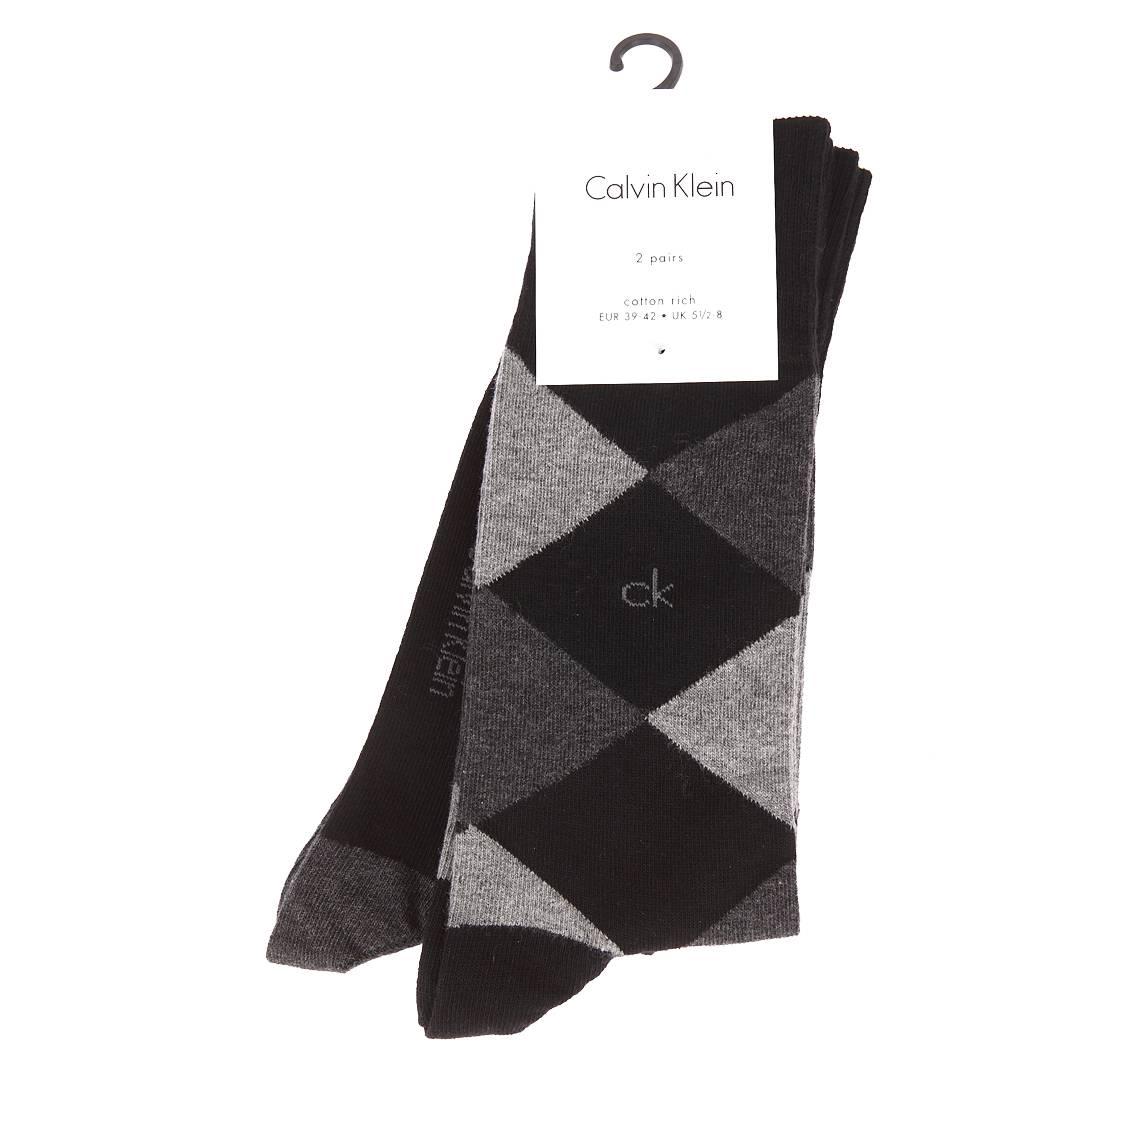 Lot de 2 paires de chaussettes calvin klein en coton peigné mélangé noir à carreaux et noir à détails contrastants